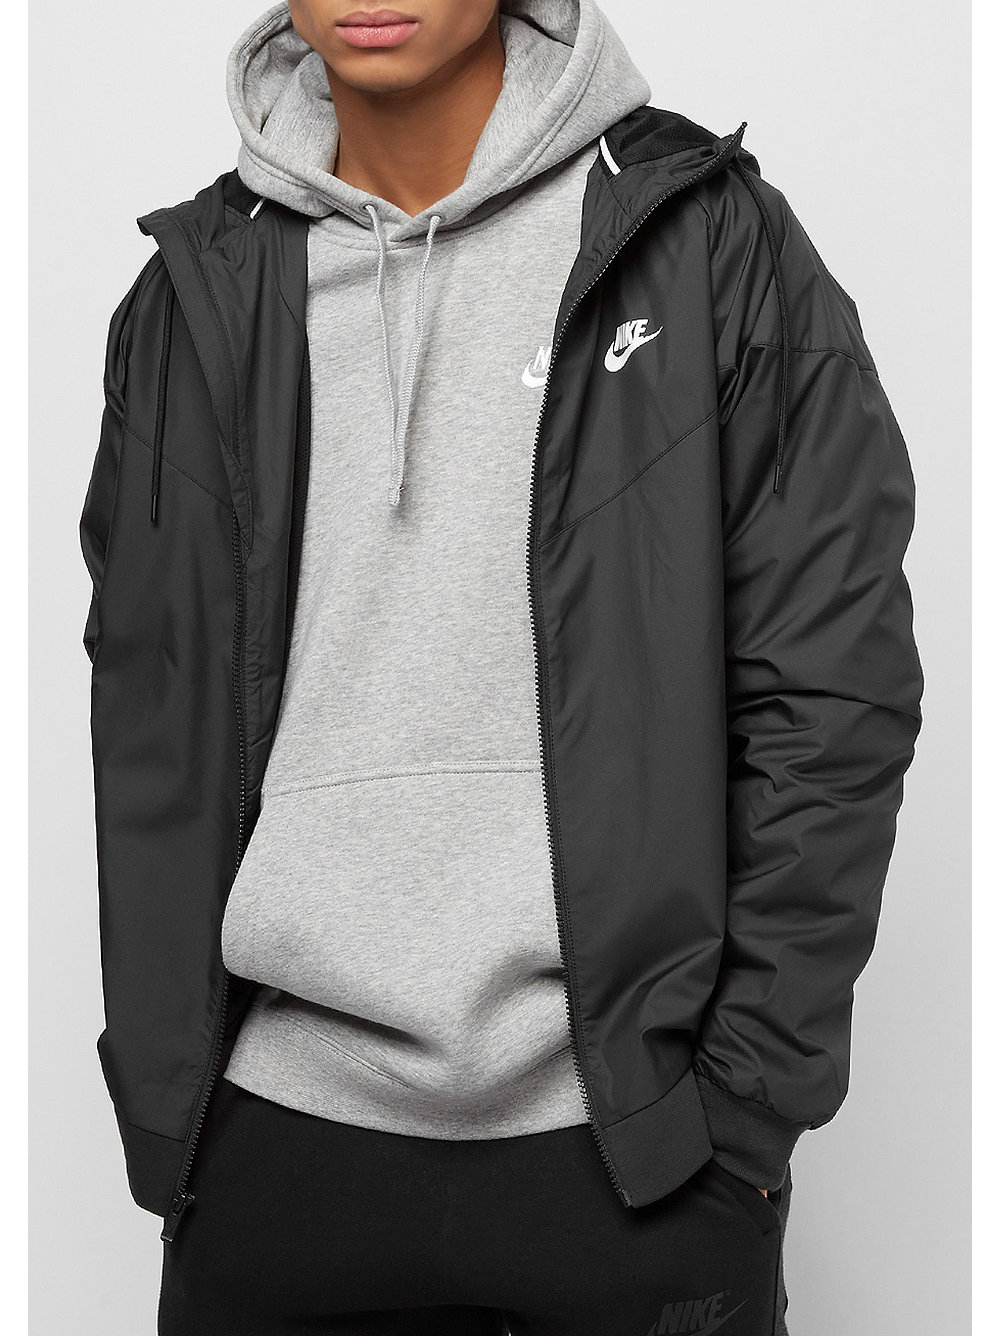 1e67aa53e9806 NIKE Windrunner Jacke black bei SNIPES bestellen